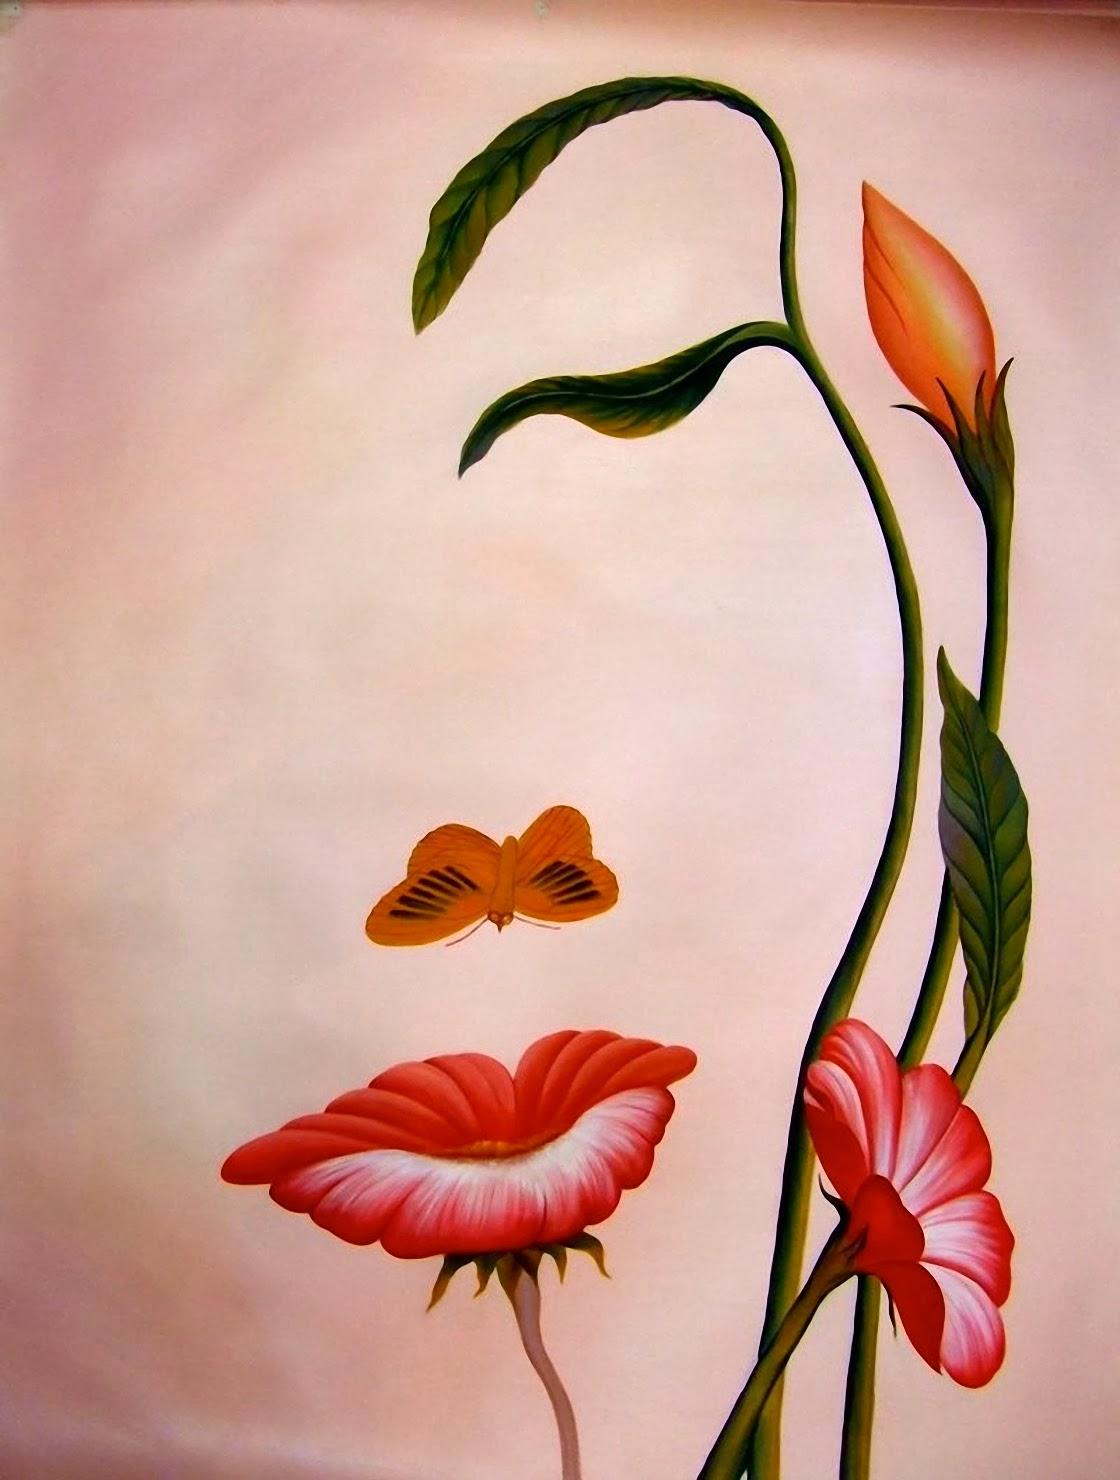 25 Gambar Lukisan Bunga dan Pohon High Resolution - Seni Rupa